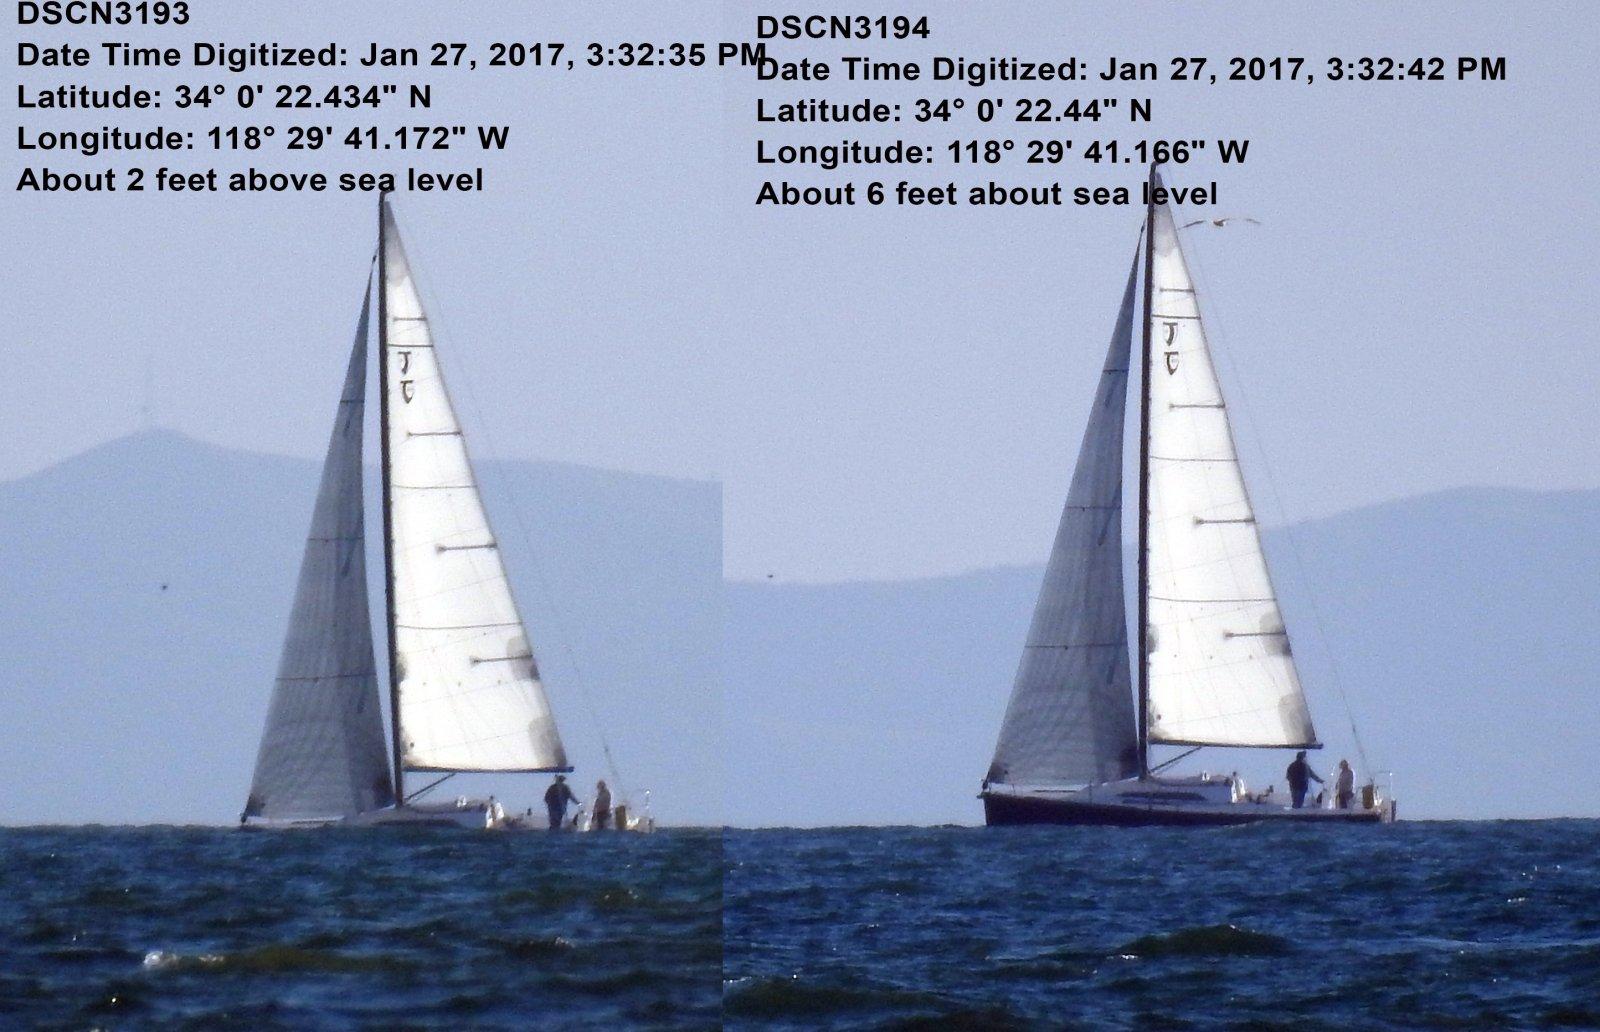 DSCN3193-comparison